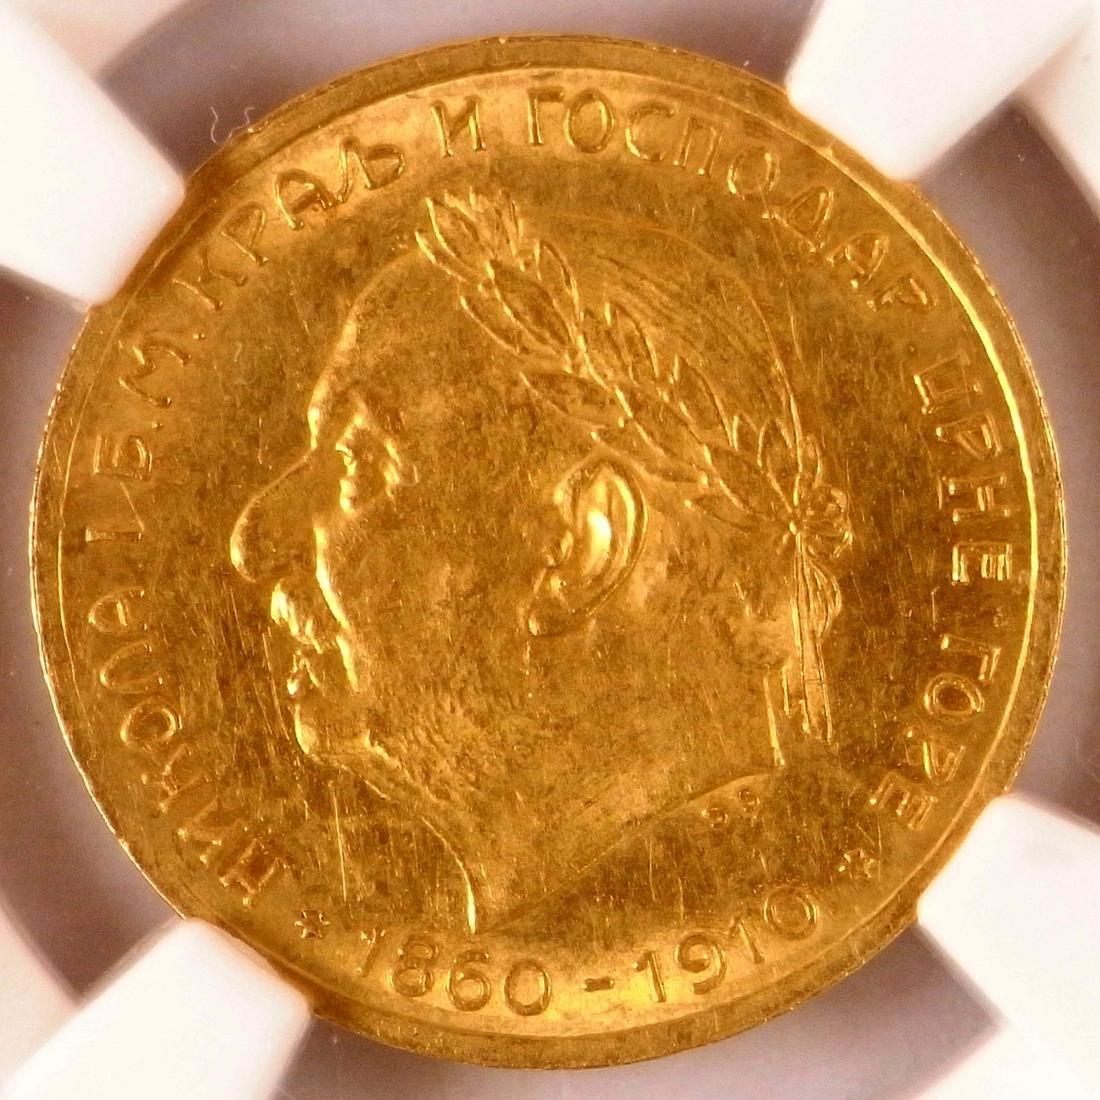 10 Perpera Montenegro